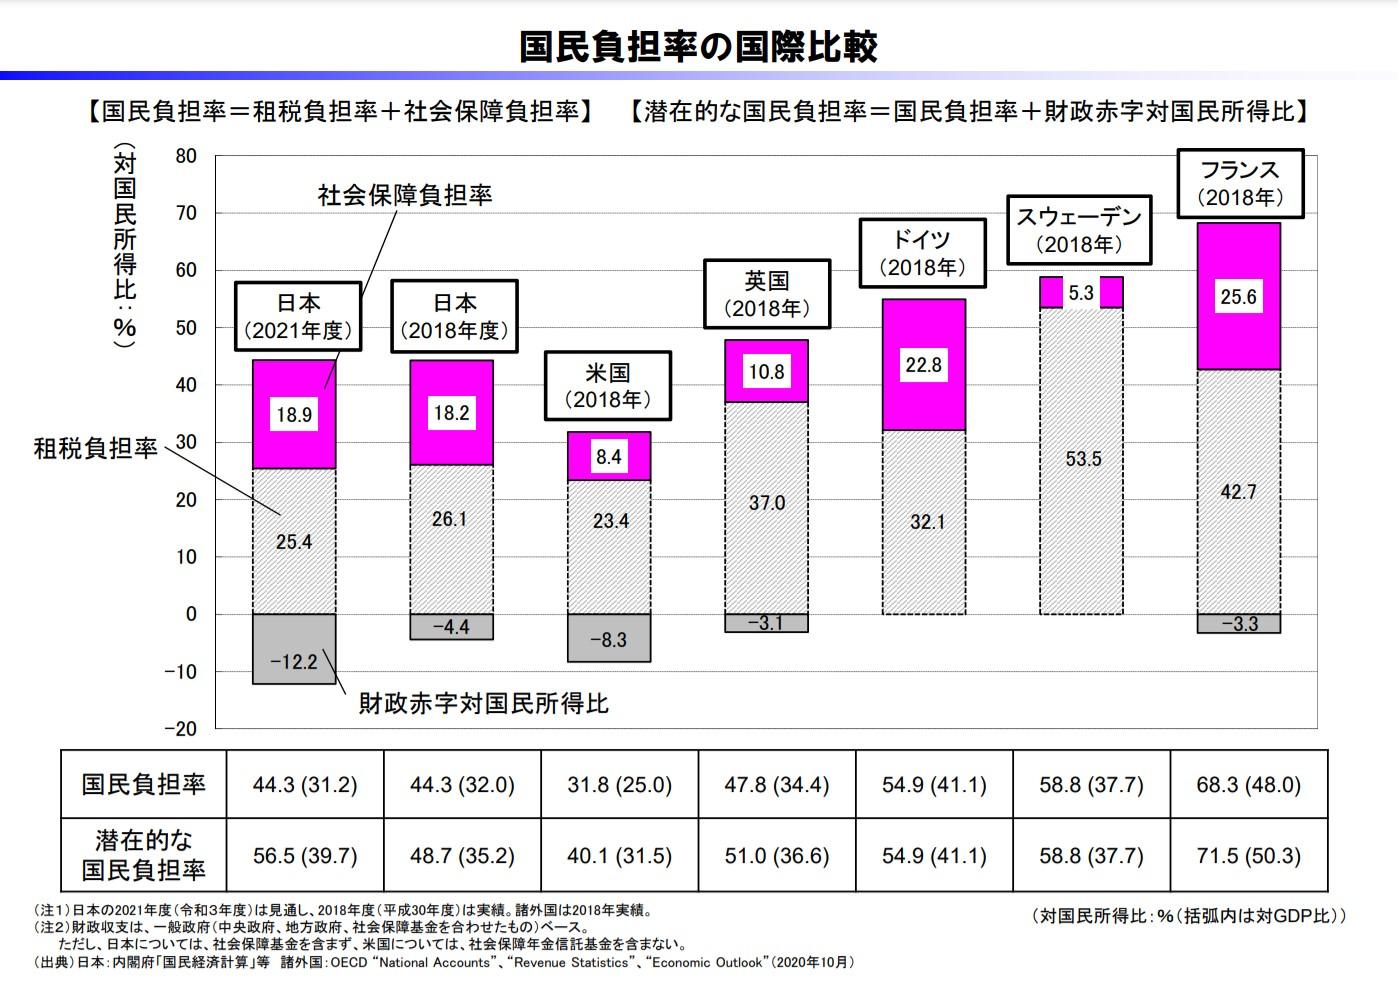 国民負担率の国際比較(主要国)